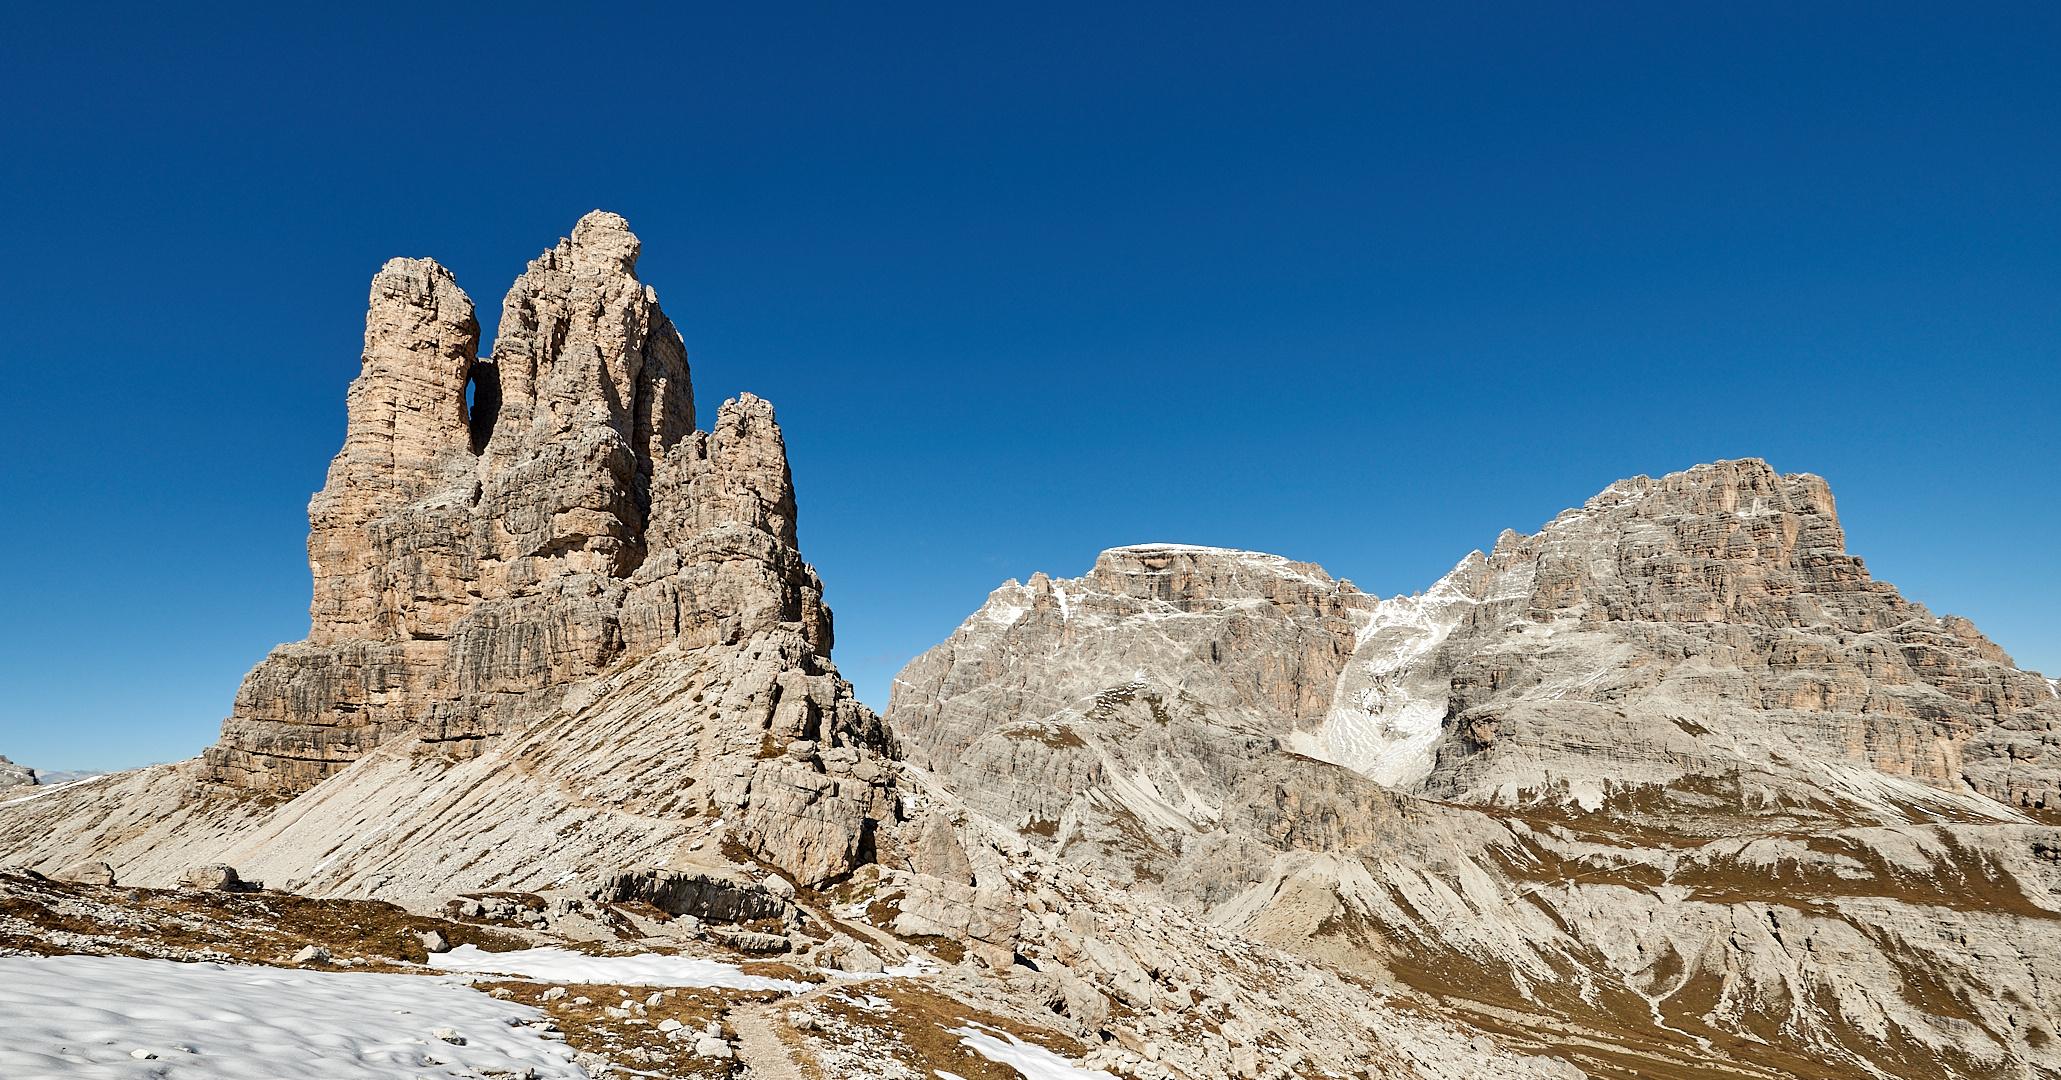 Perspektivisch bedingt wirkt der Toblinger Knoten links im Bild mit 2617 m Höhe  größer...